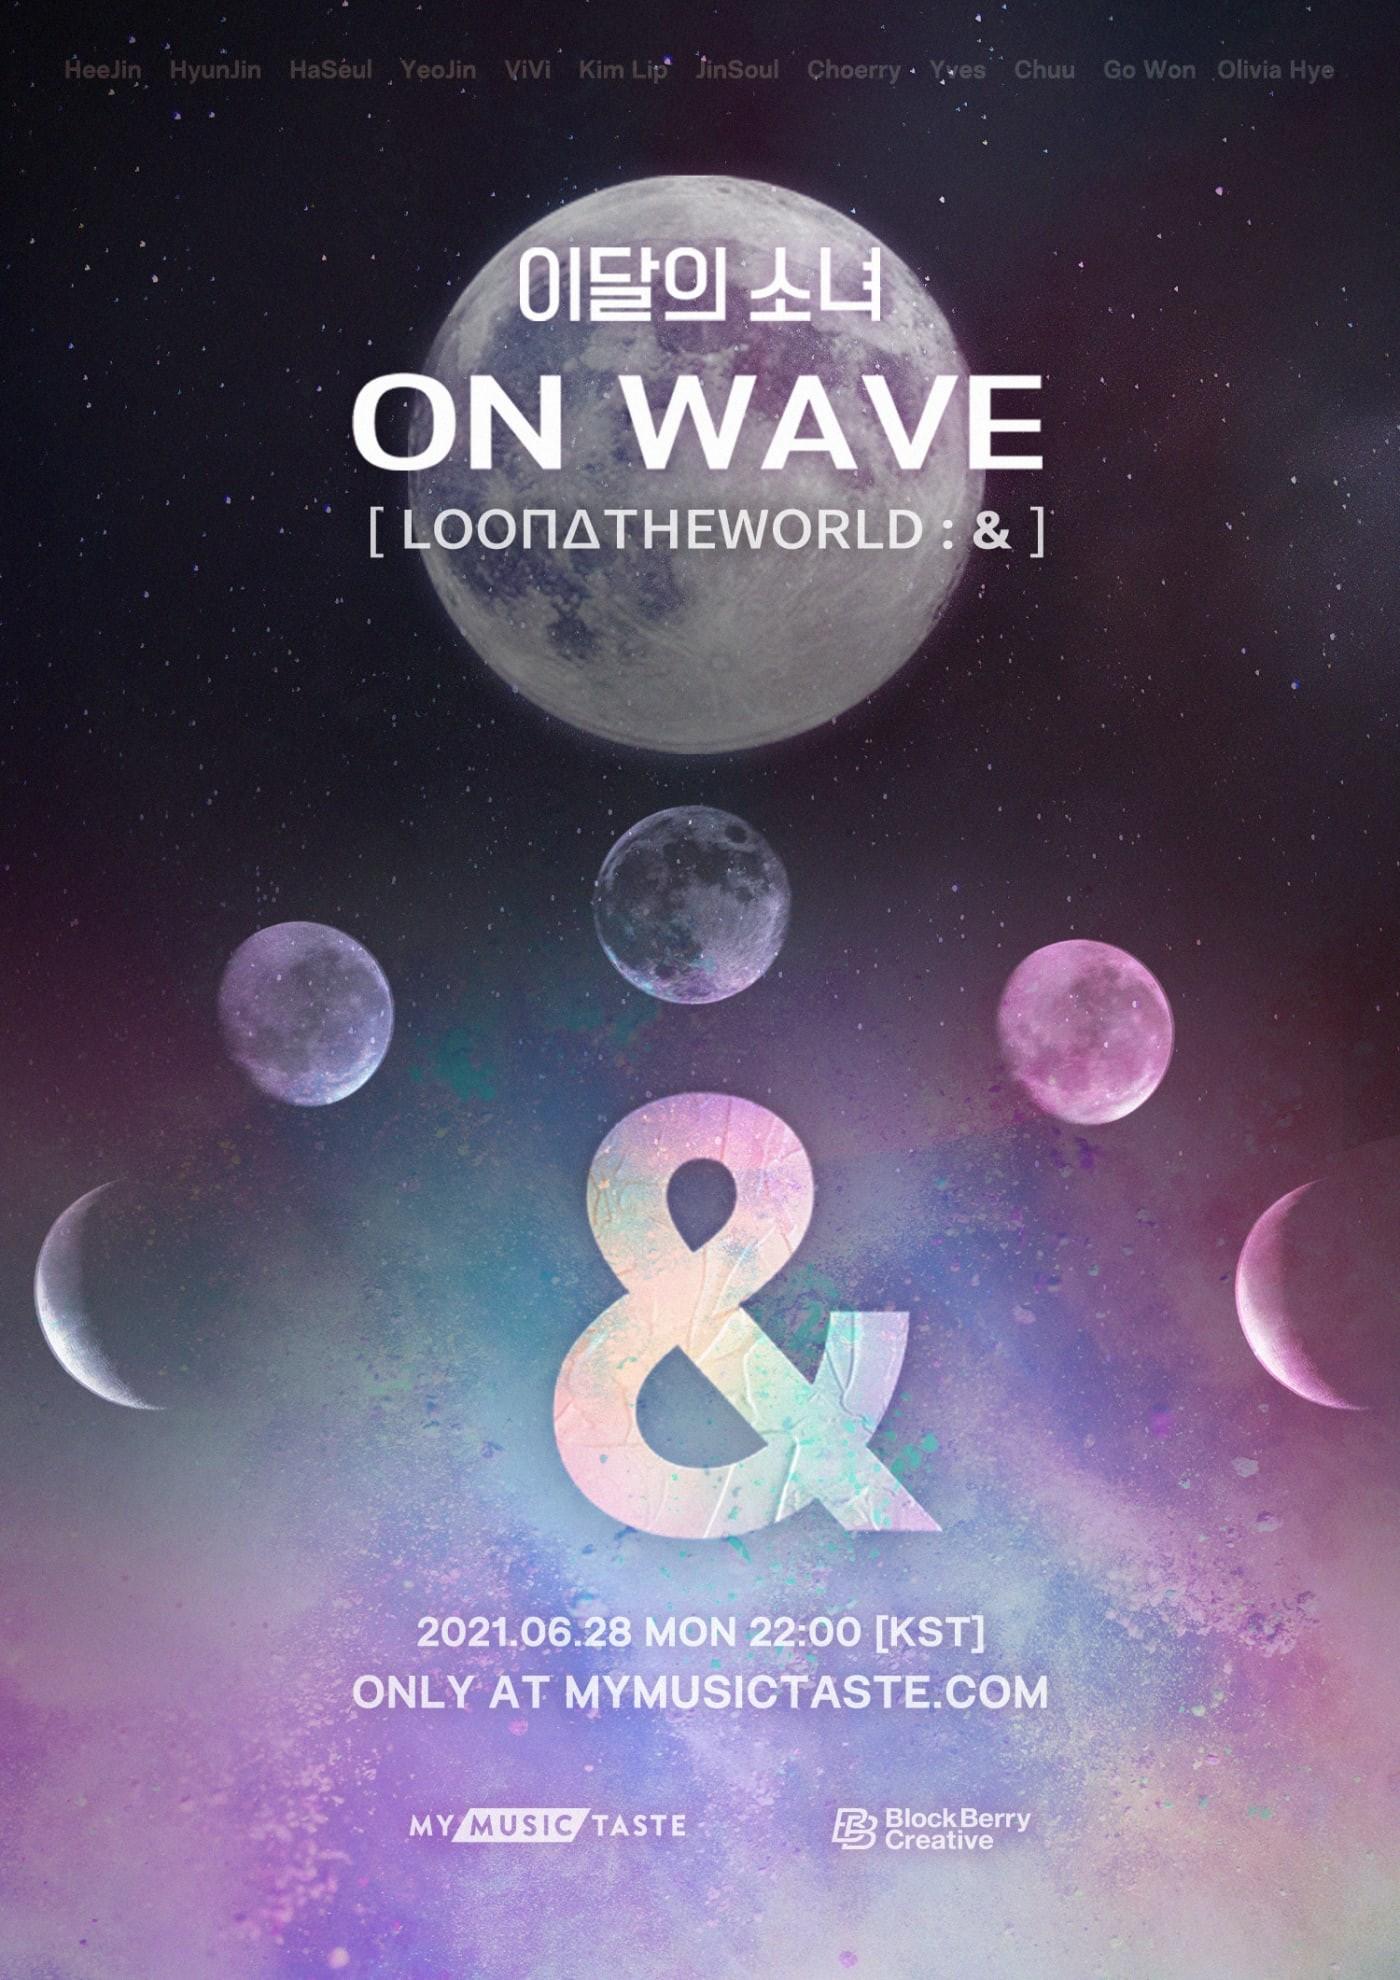 LOONA – LOONA ON WAVE [LOOΠΔTHEWORLD &] [MP4 / WEB] [2021.06.28]